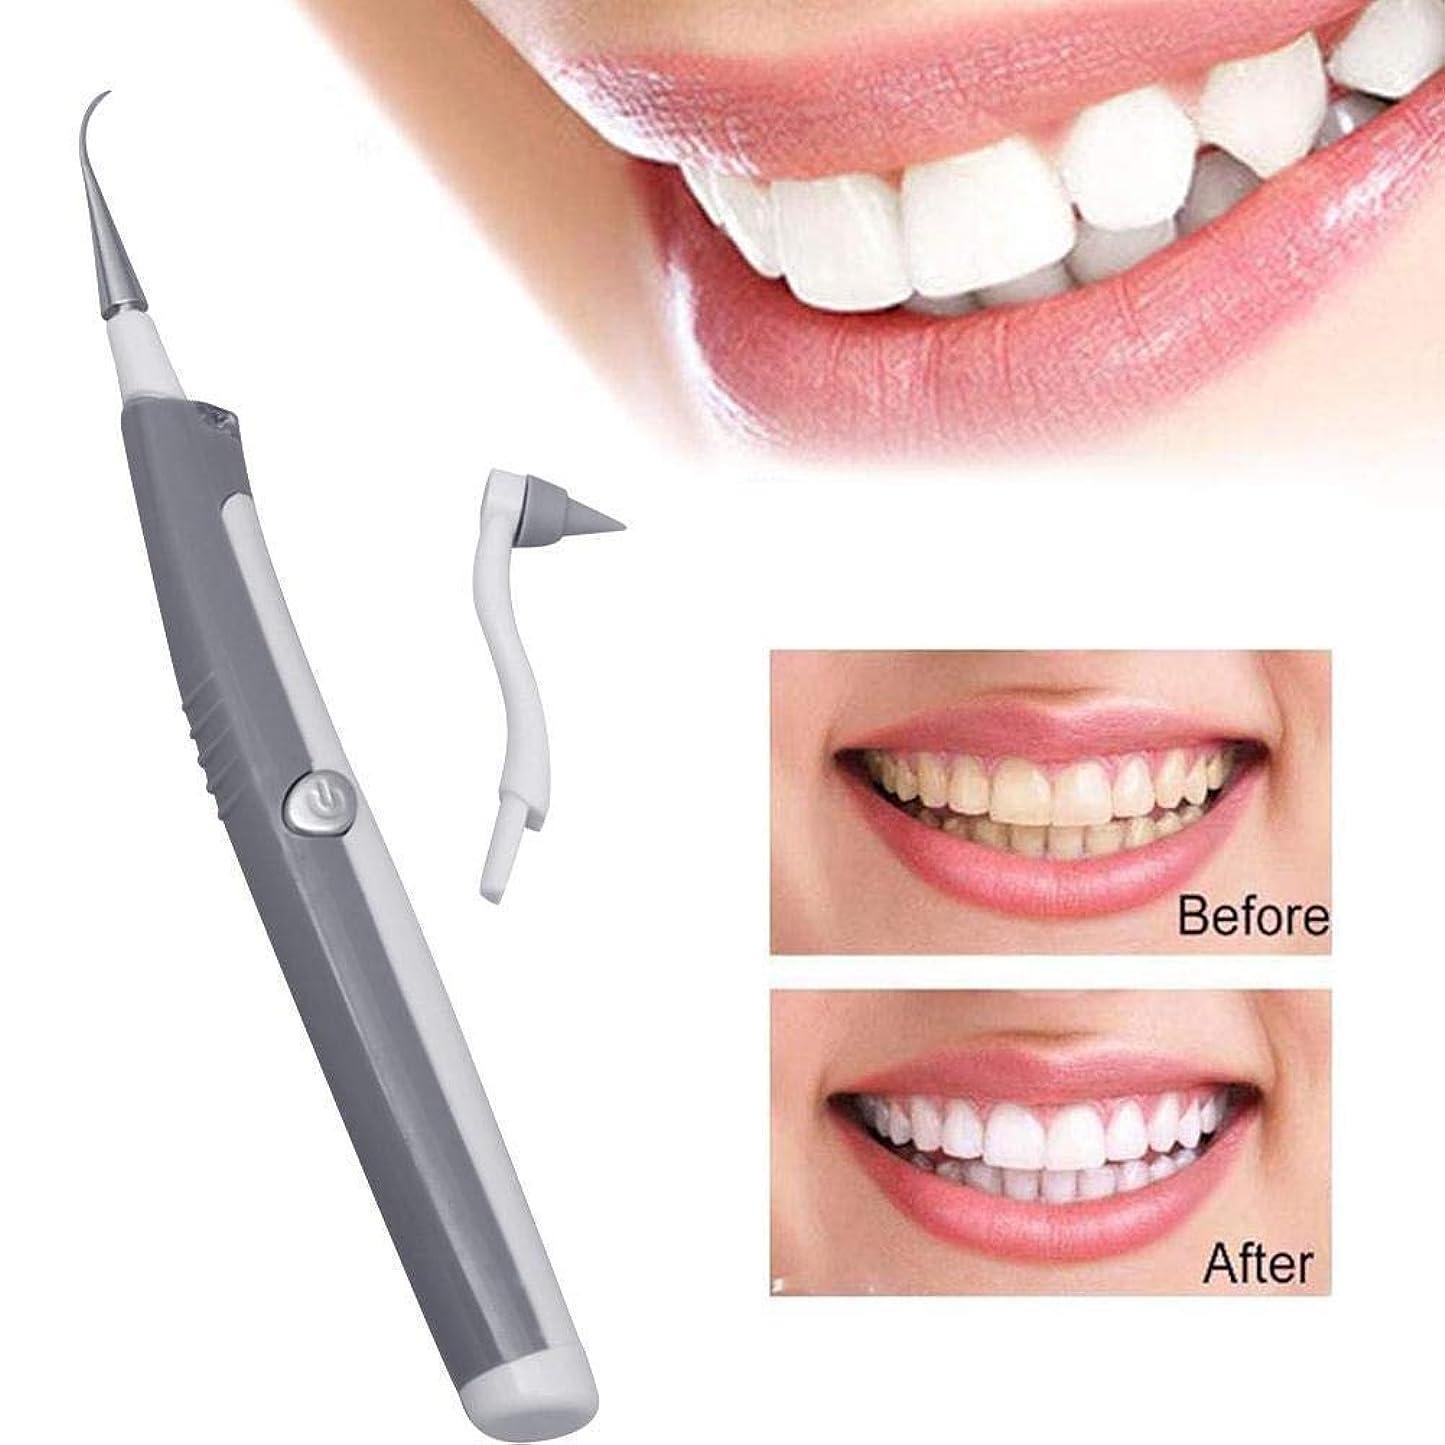 訴える政治家の惨めなLEDライト付きツールを白くする家庭用携帯用歯磨き粉電動歯の汚れ消しゴム振動歯